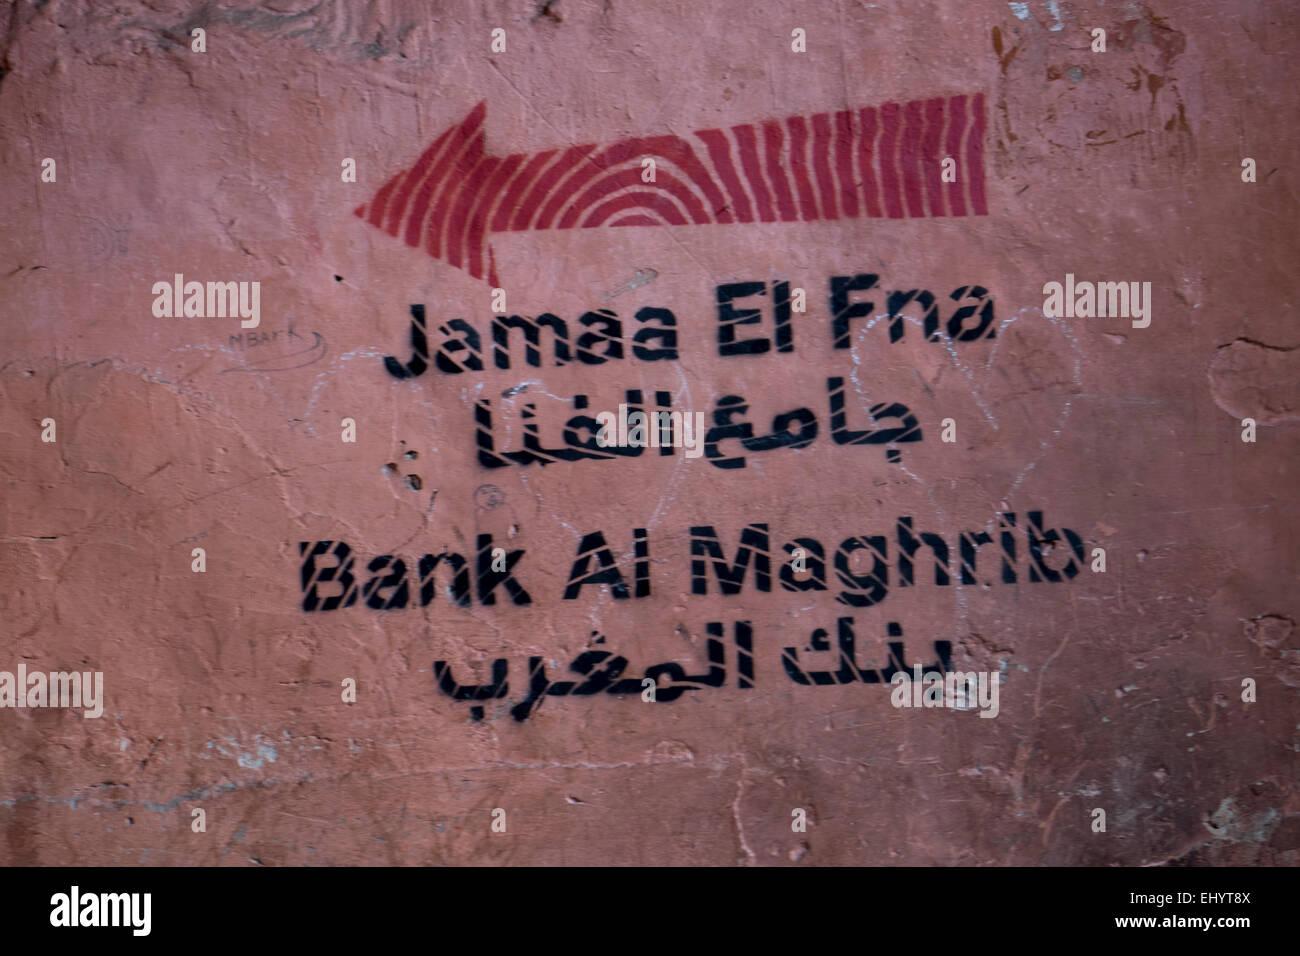 Cartel en inglés y árabe, Medina, la antigua ciudad de Marrakech, Marrakech, Marruecos, Norte de África Imagen De Stock